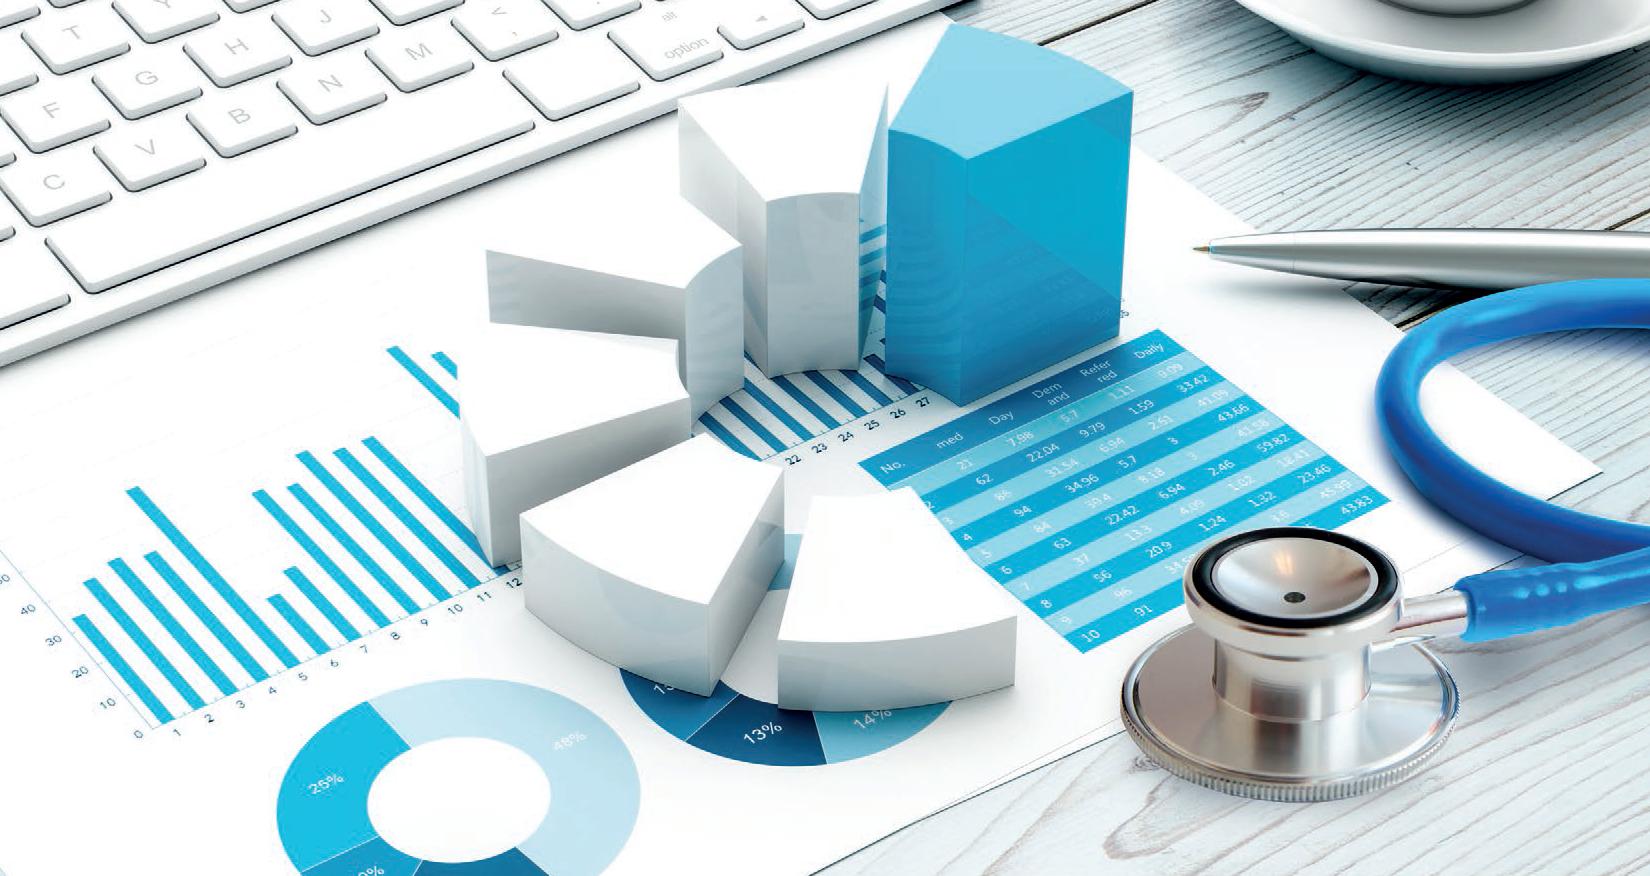 Ile możemy zyskać dzięki efektywnej opiece zdrowotnej?